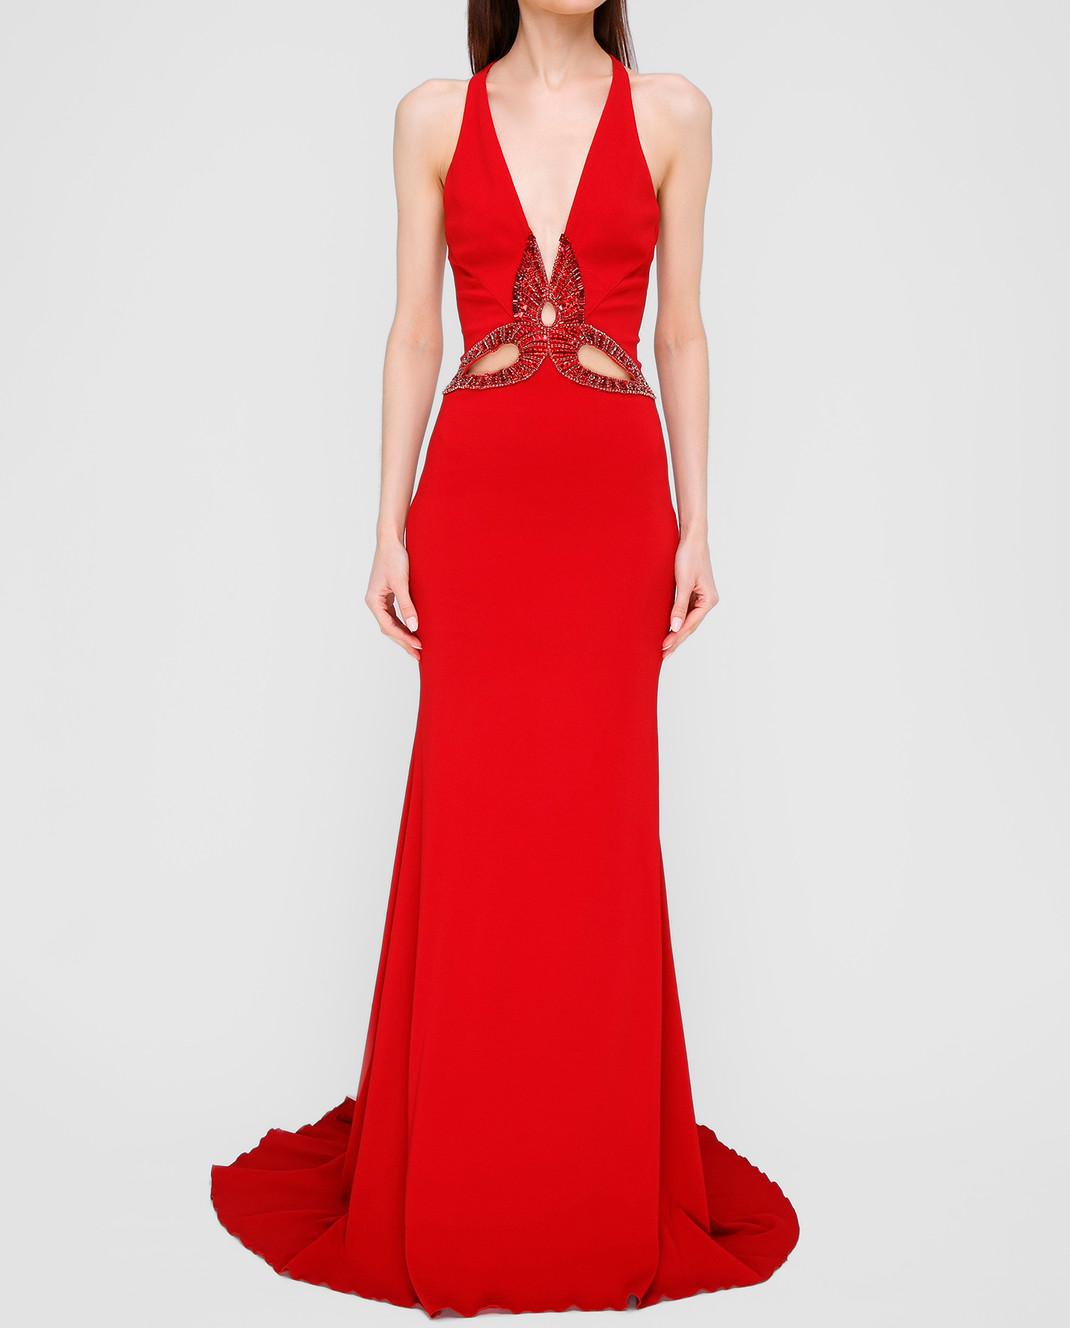 Roberto Cavalli Красное платье со шлейфом XPR184 изображение 3